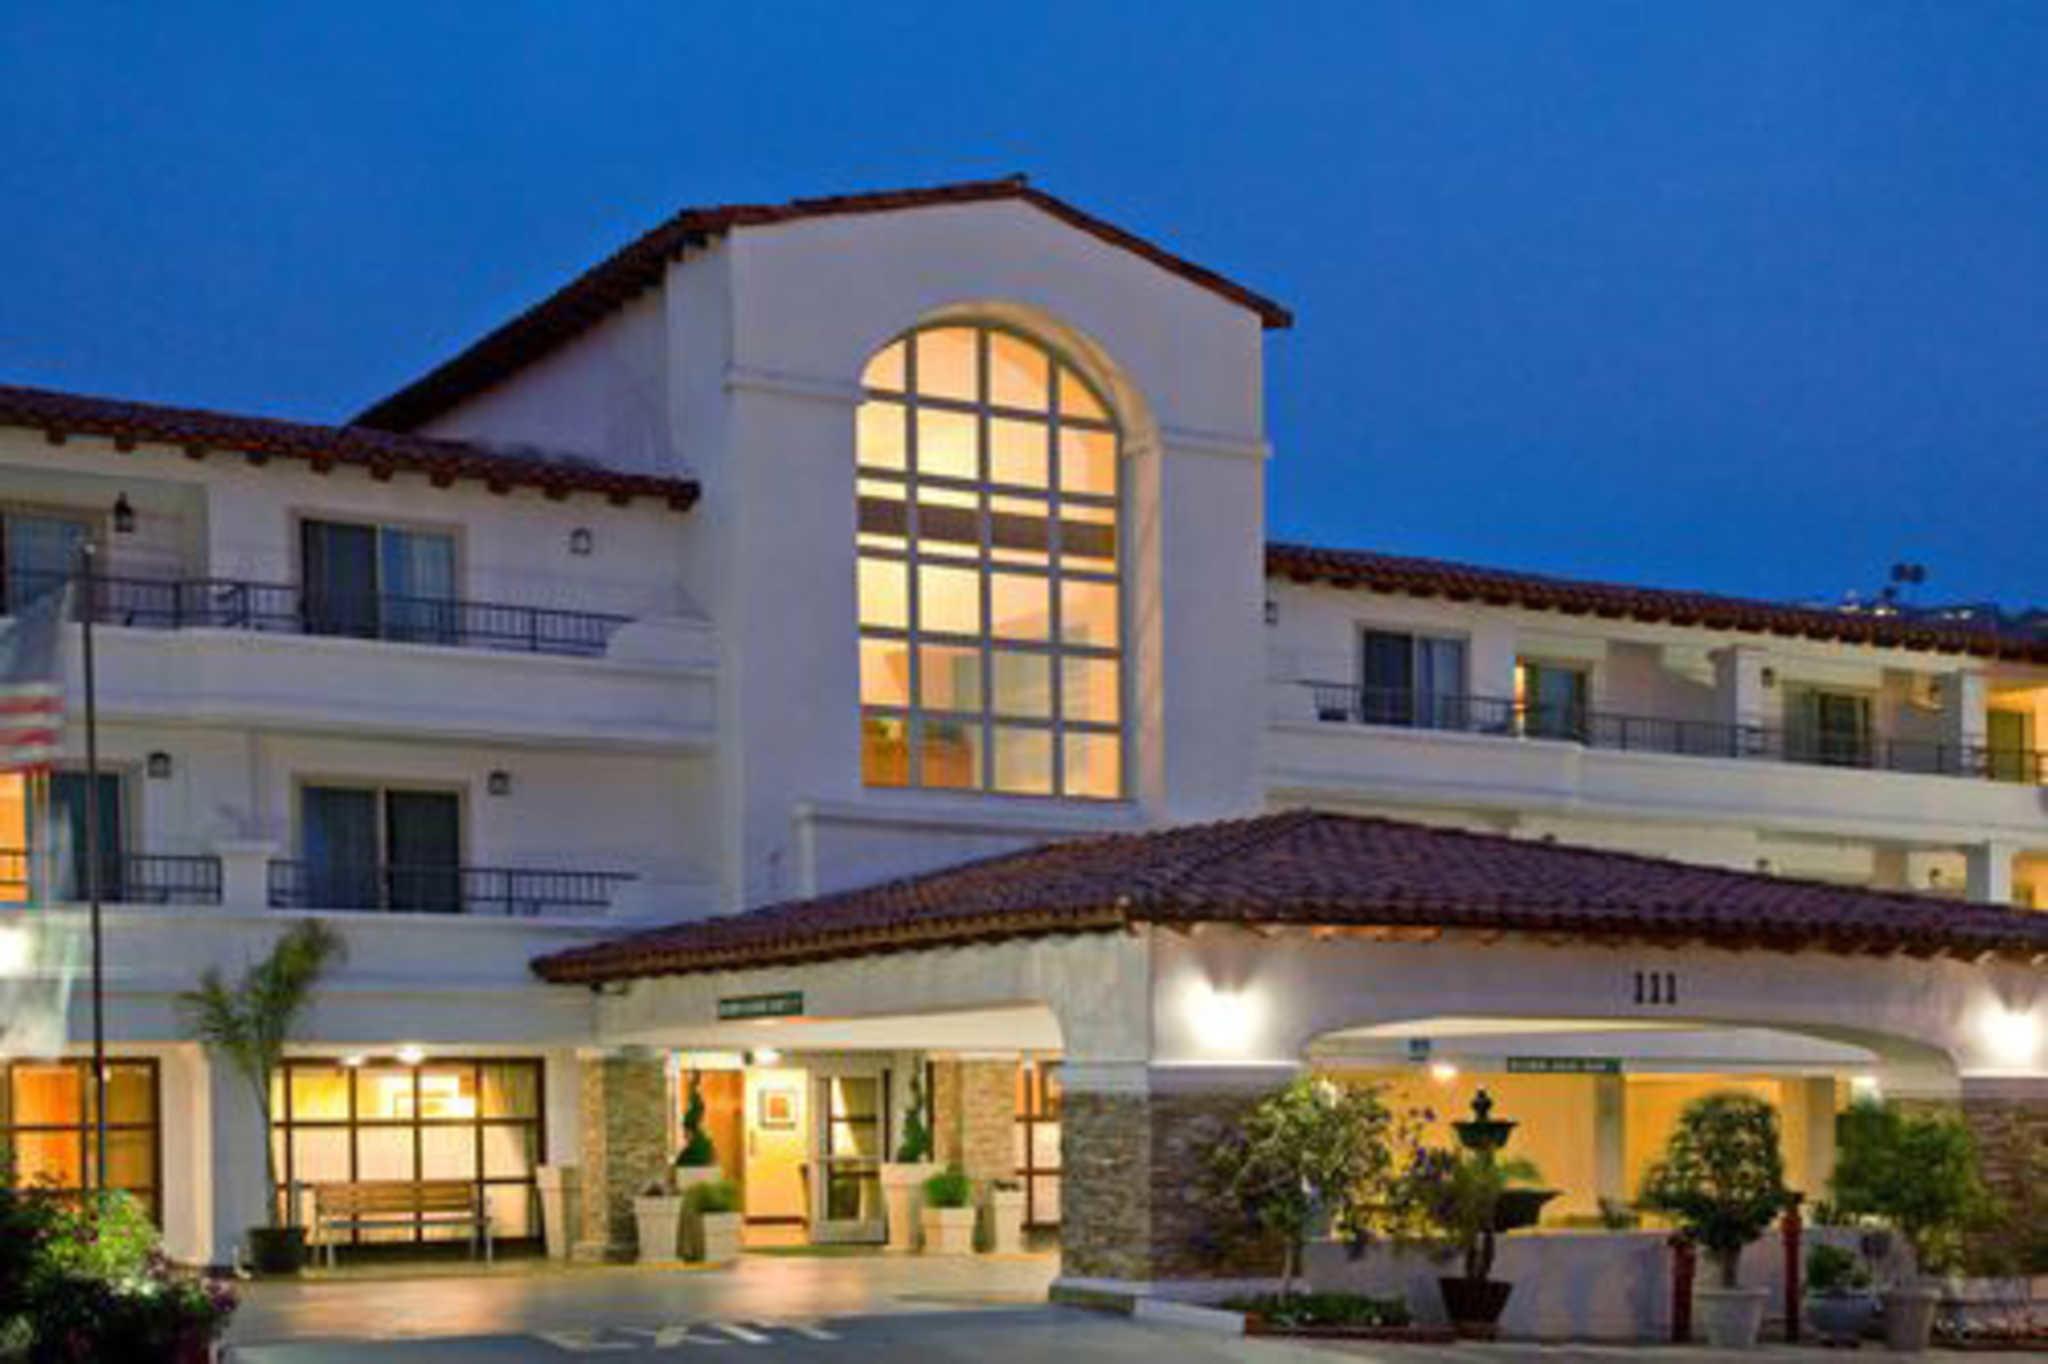 Volare Hotel San Clemente California